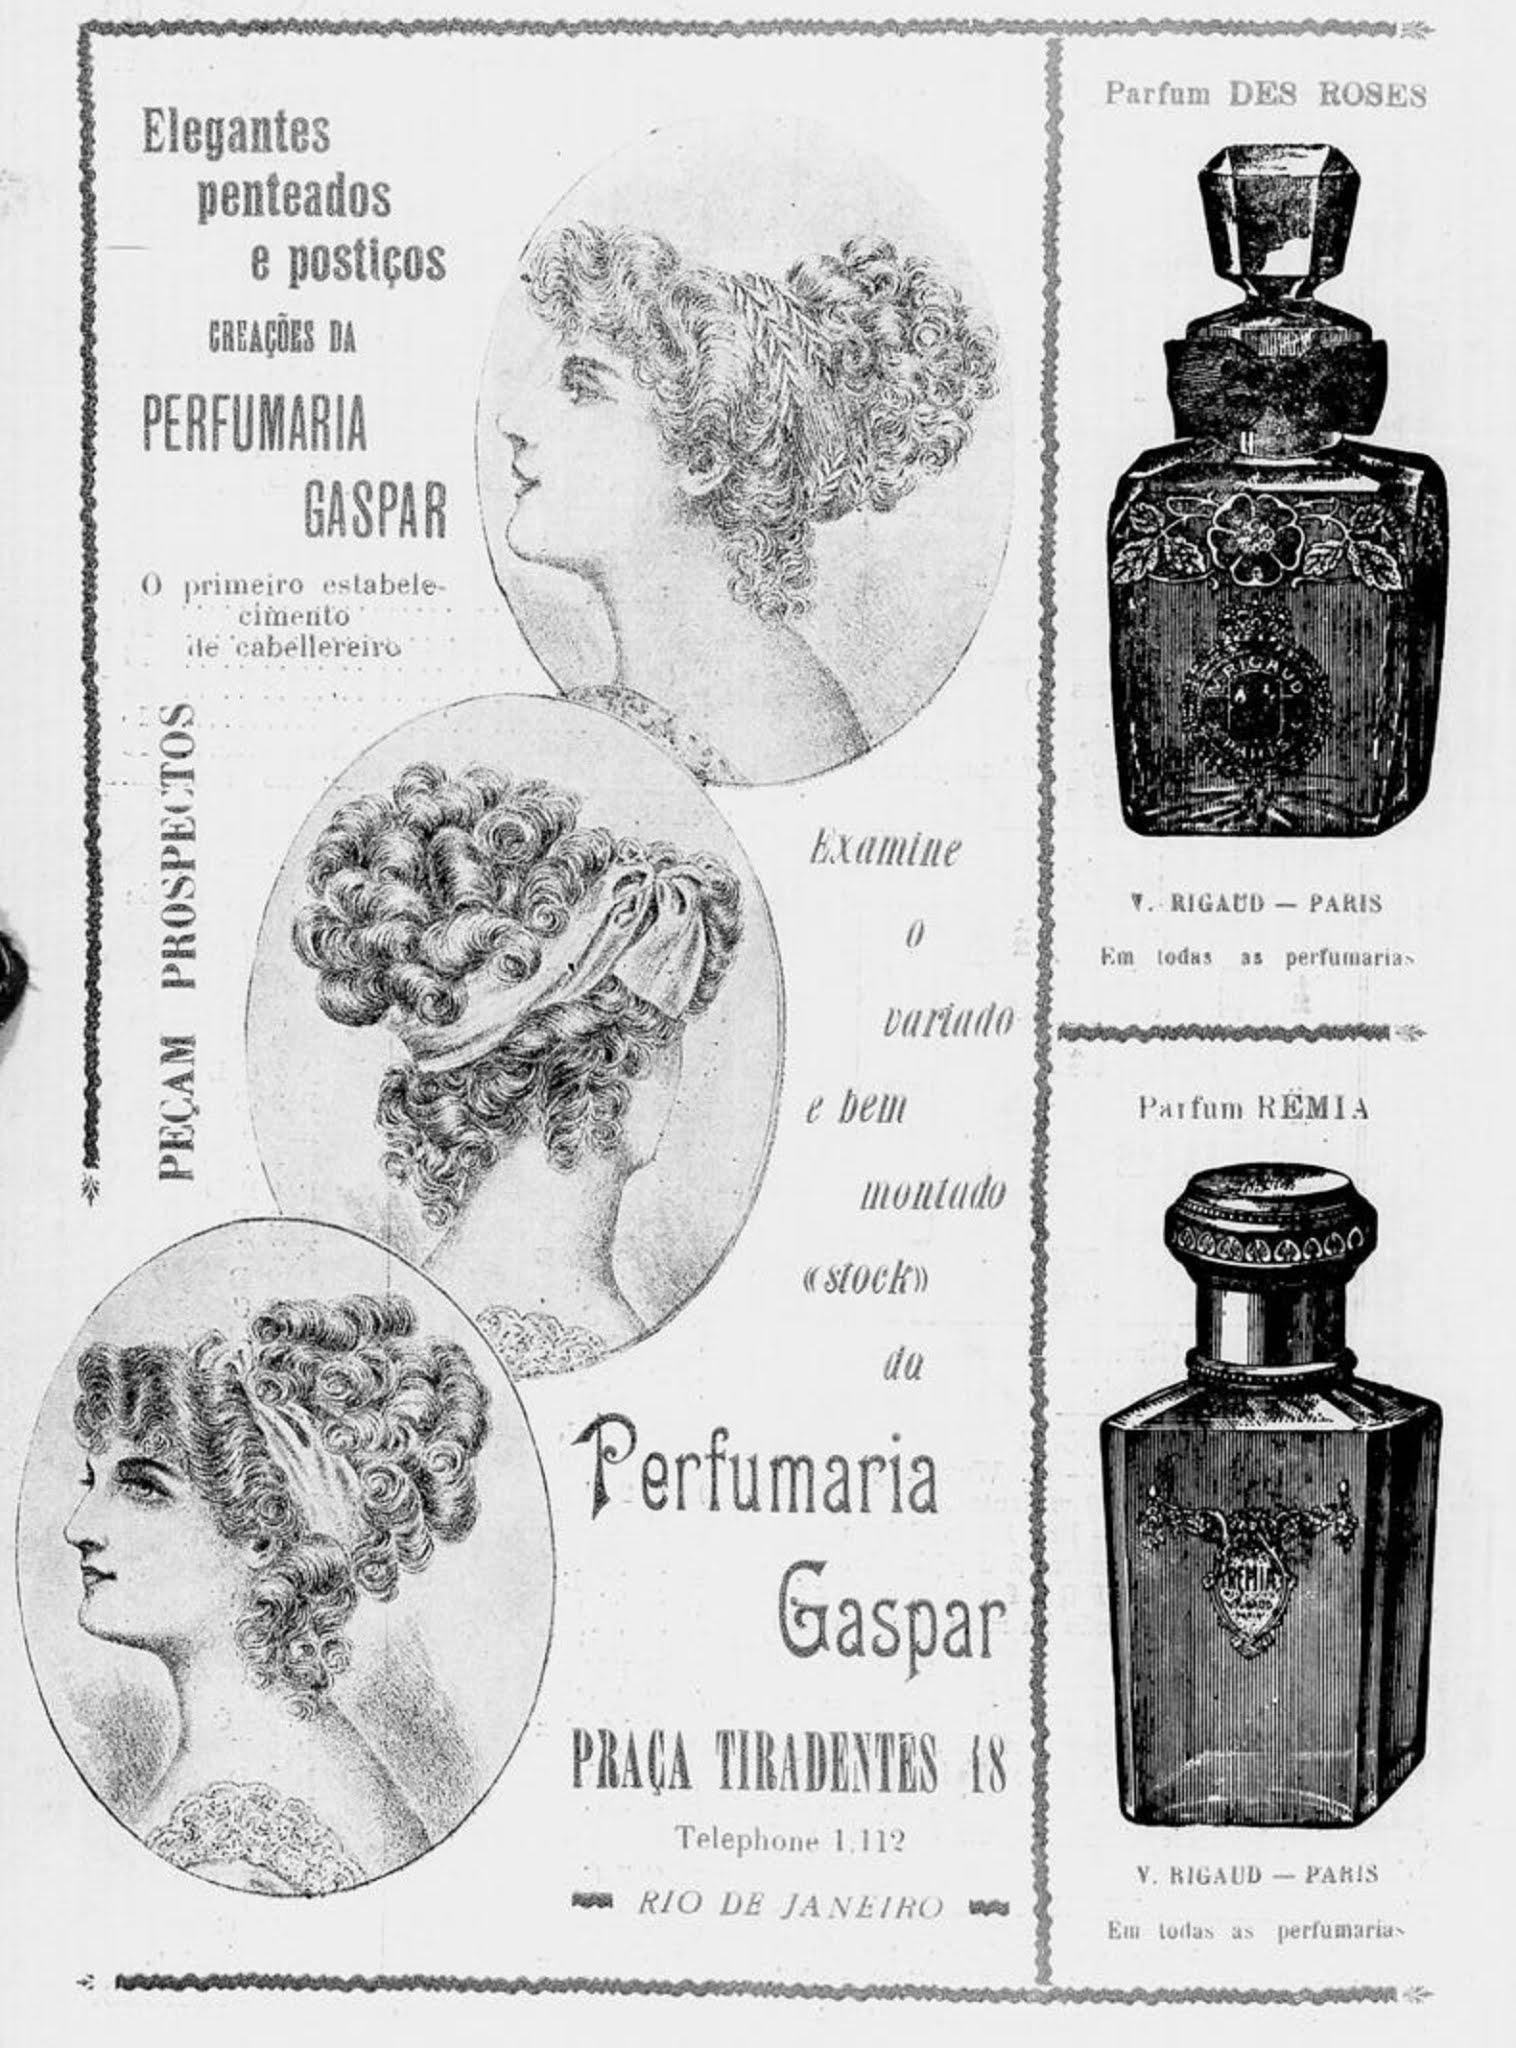 Propaganda veiculada em 1911 promovendo a Perfumaria Gaspar